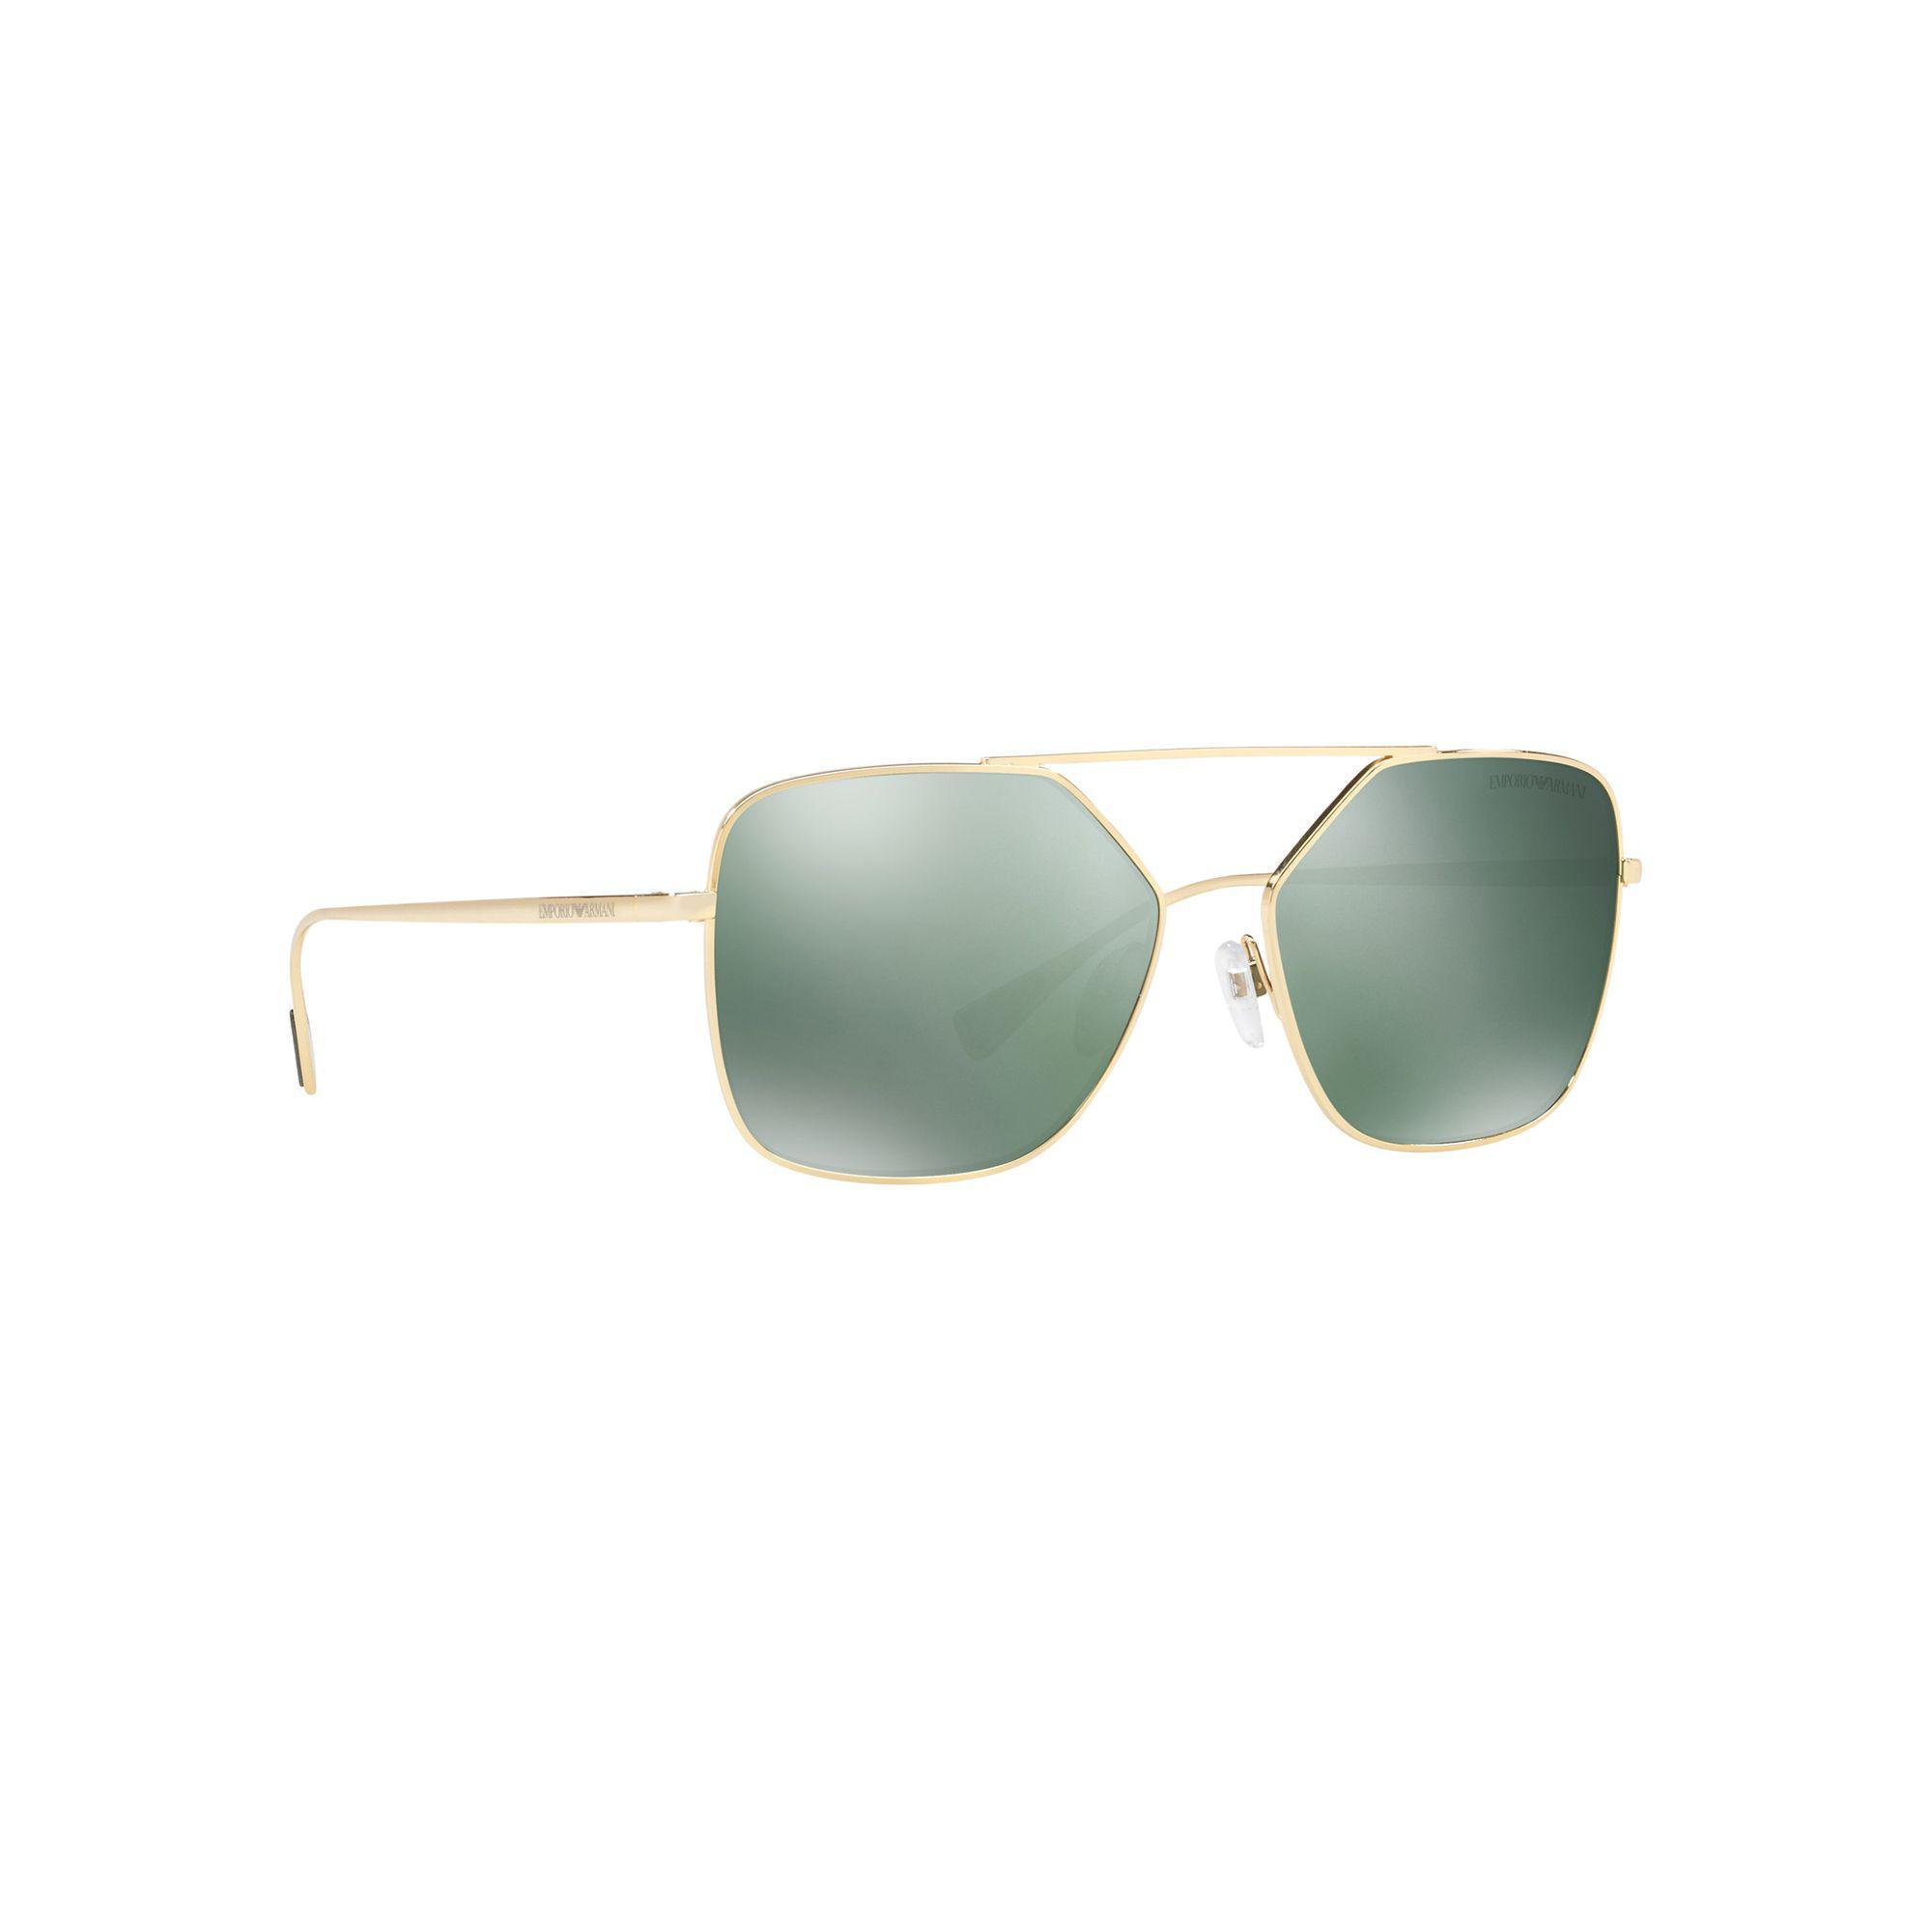 821446a667ce Emporio Armani - Metallic Pale Gold Ea2053 Square Sunglasses for Men -  Lyst. View fullscreen